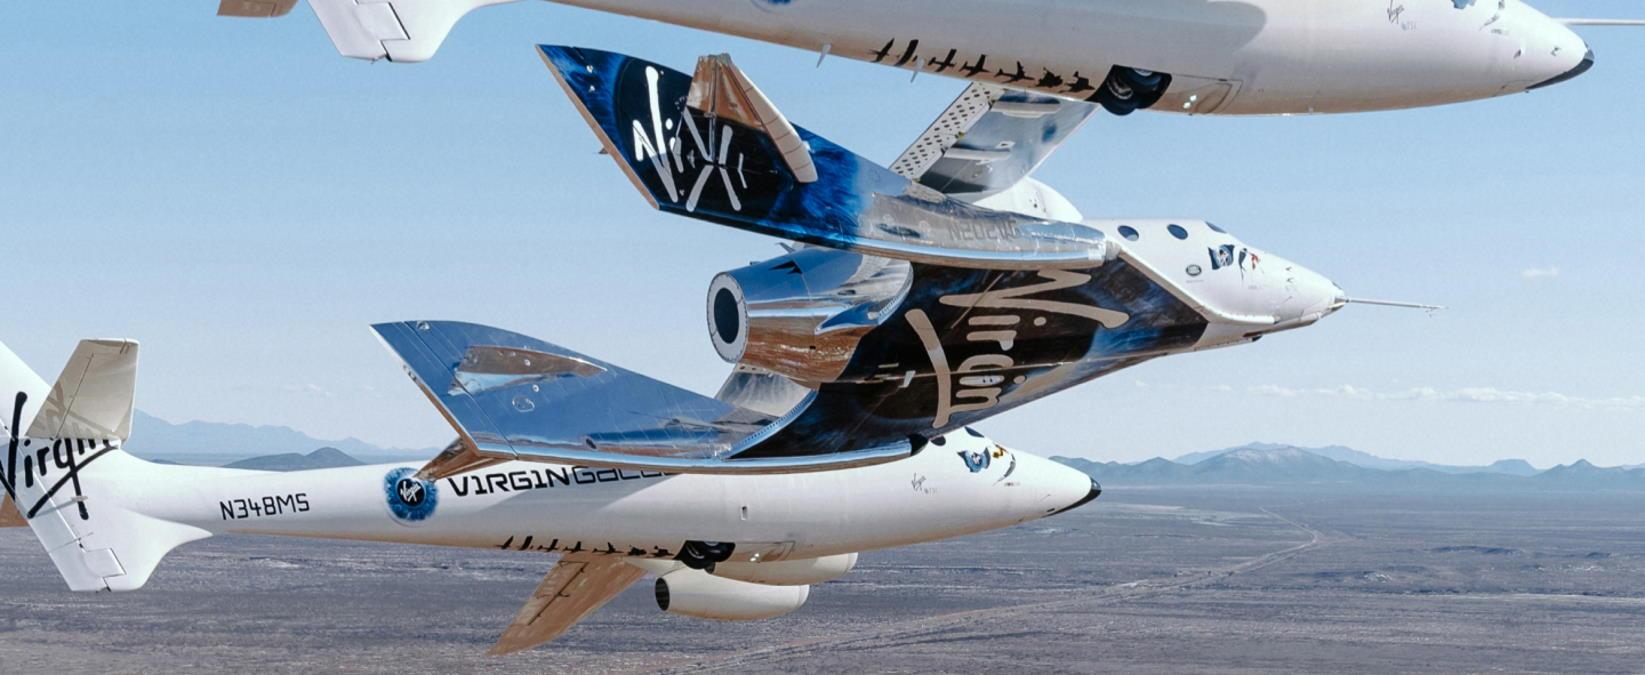 Si è concluso con successo il volo inaugurale di Unity: è iniziata l'era del turismo spaziale.